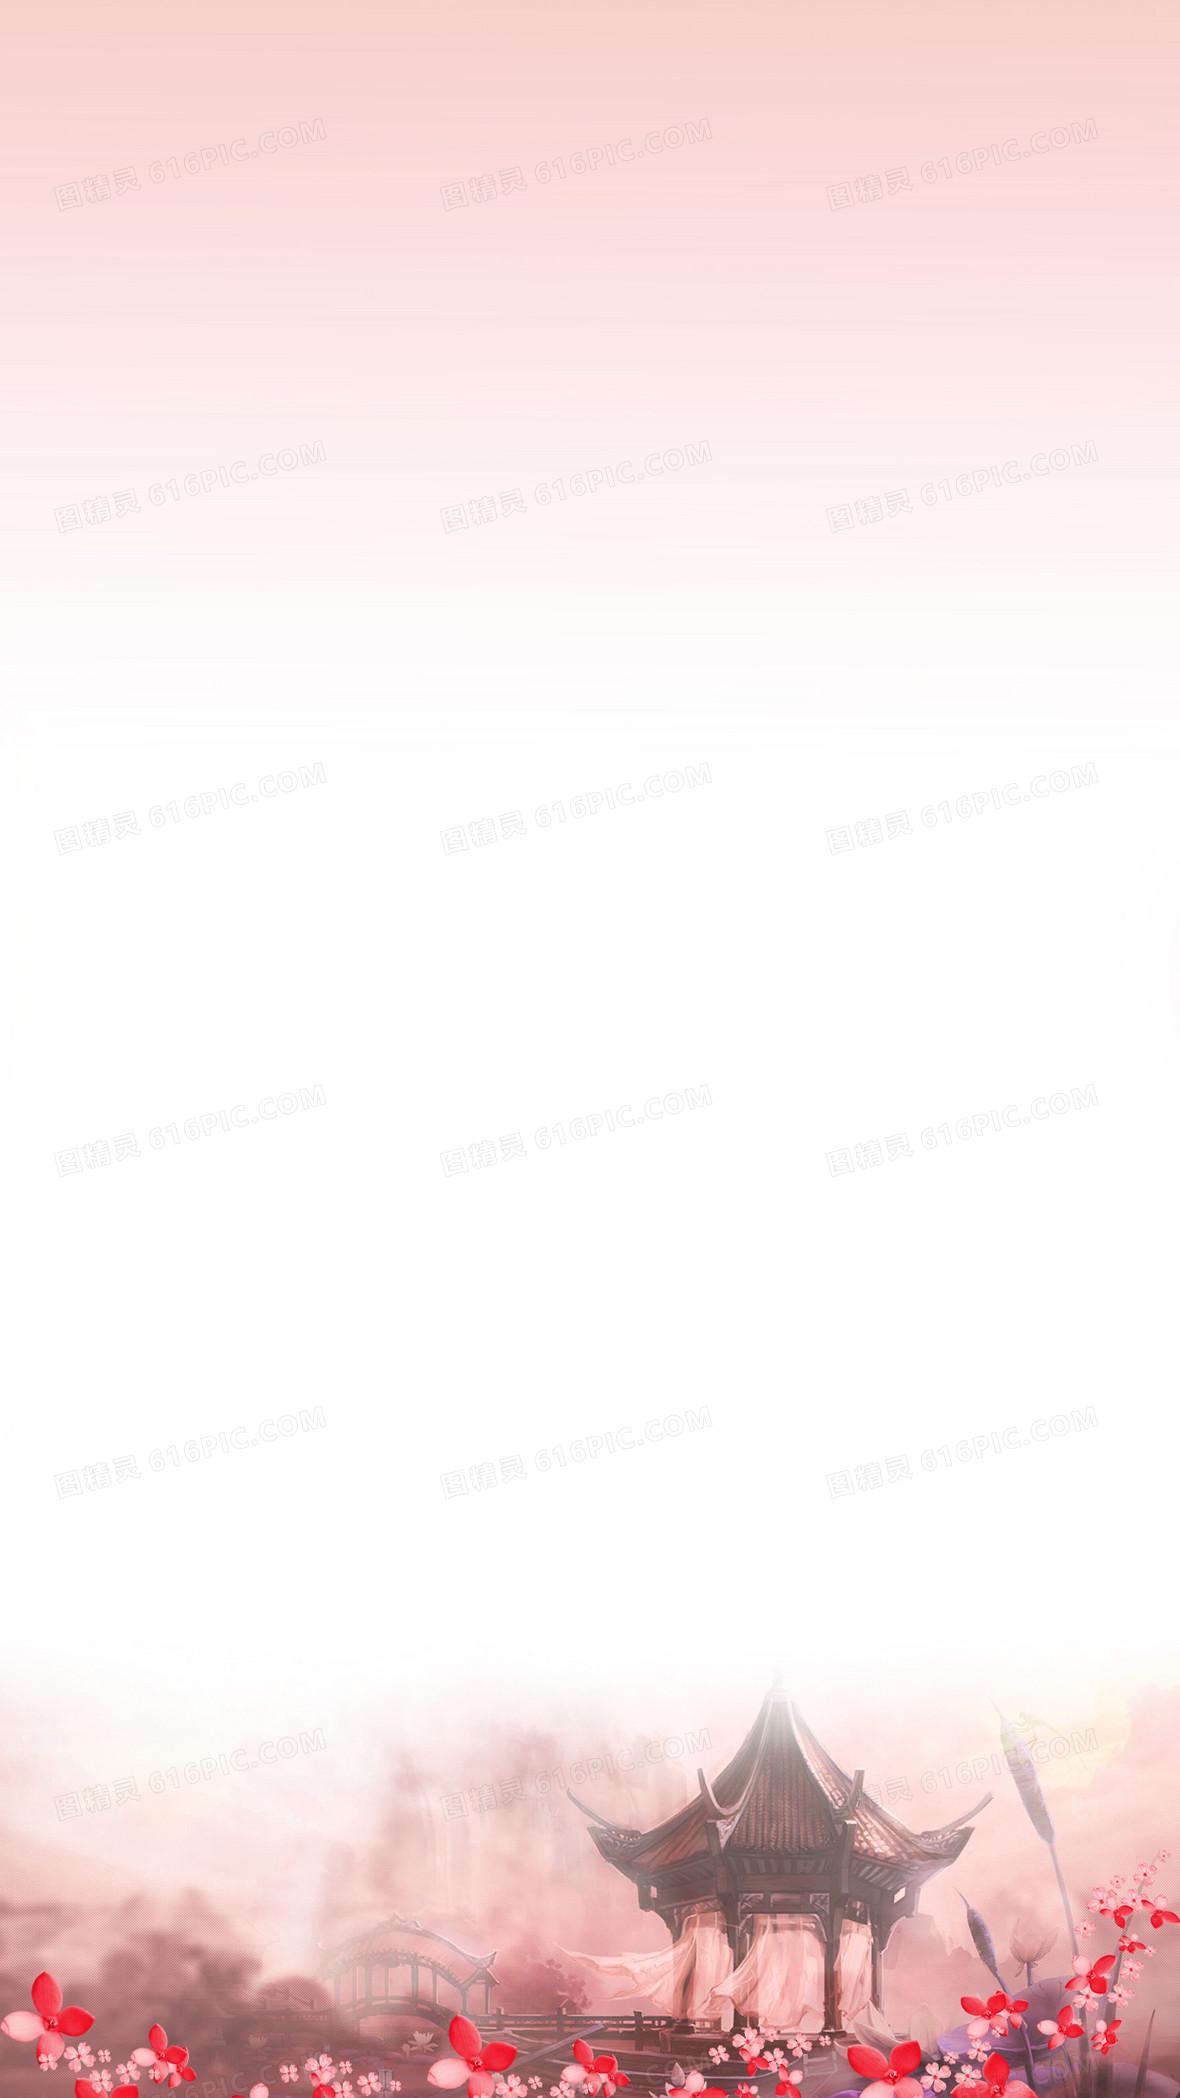 三生三世十里桃花素材背景图片下载_3544x4725像素jpg